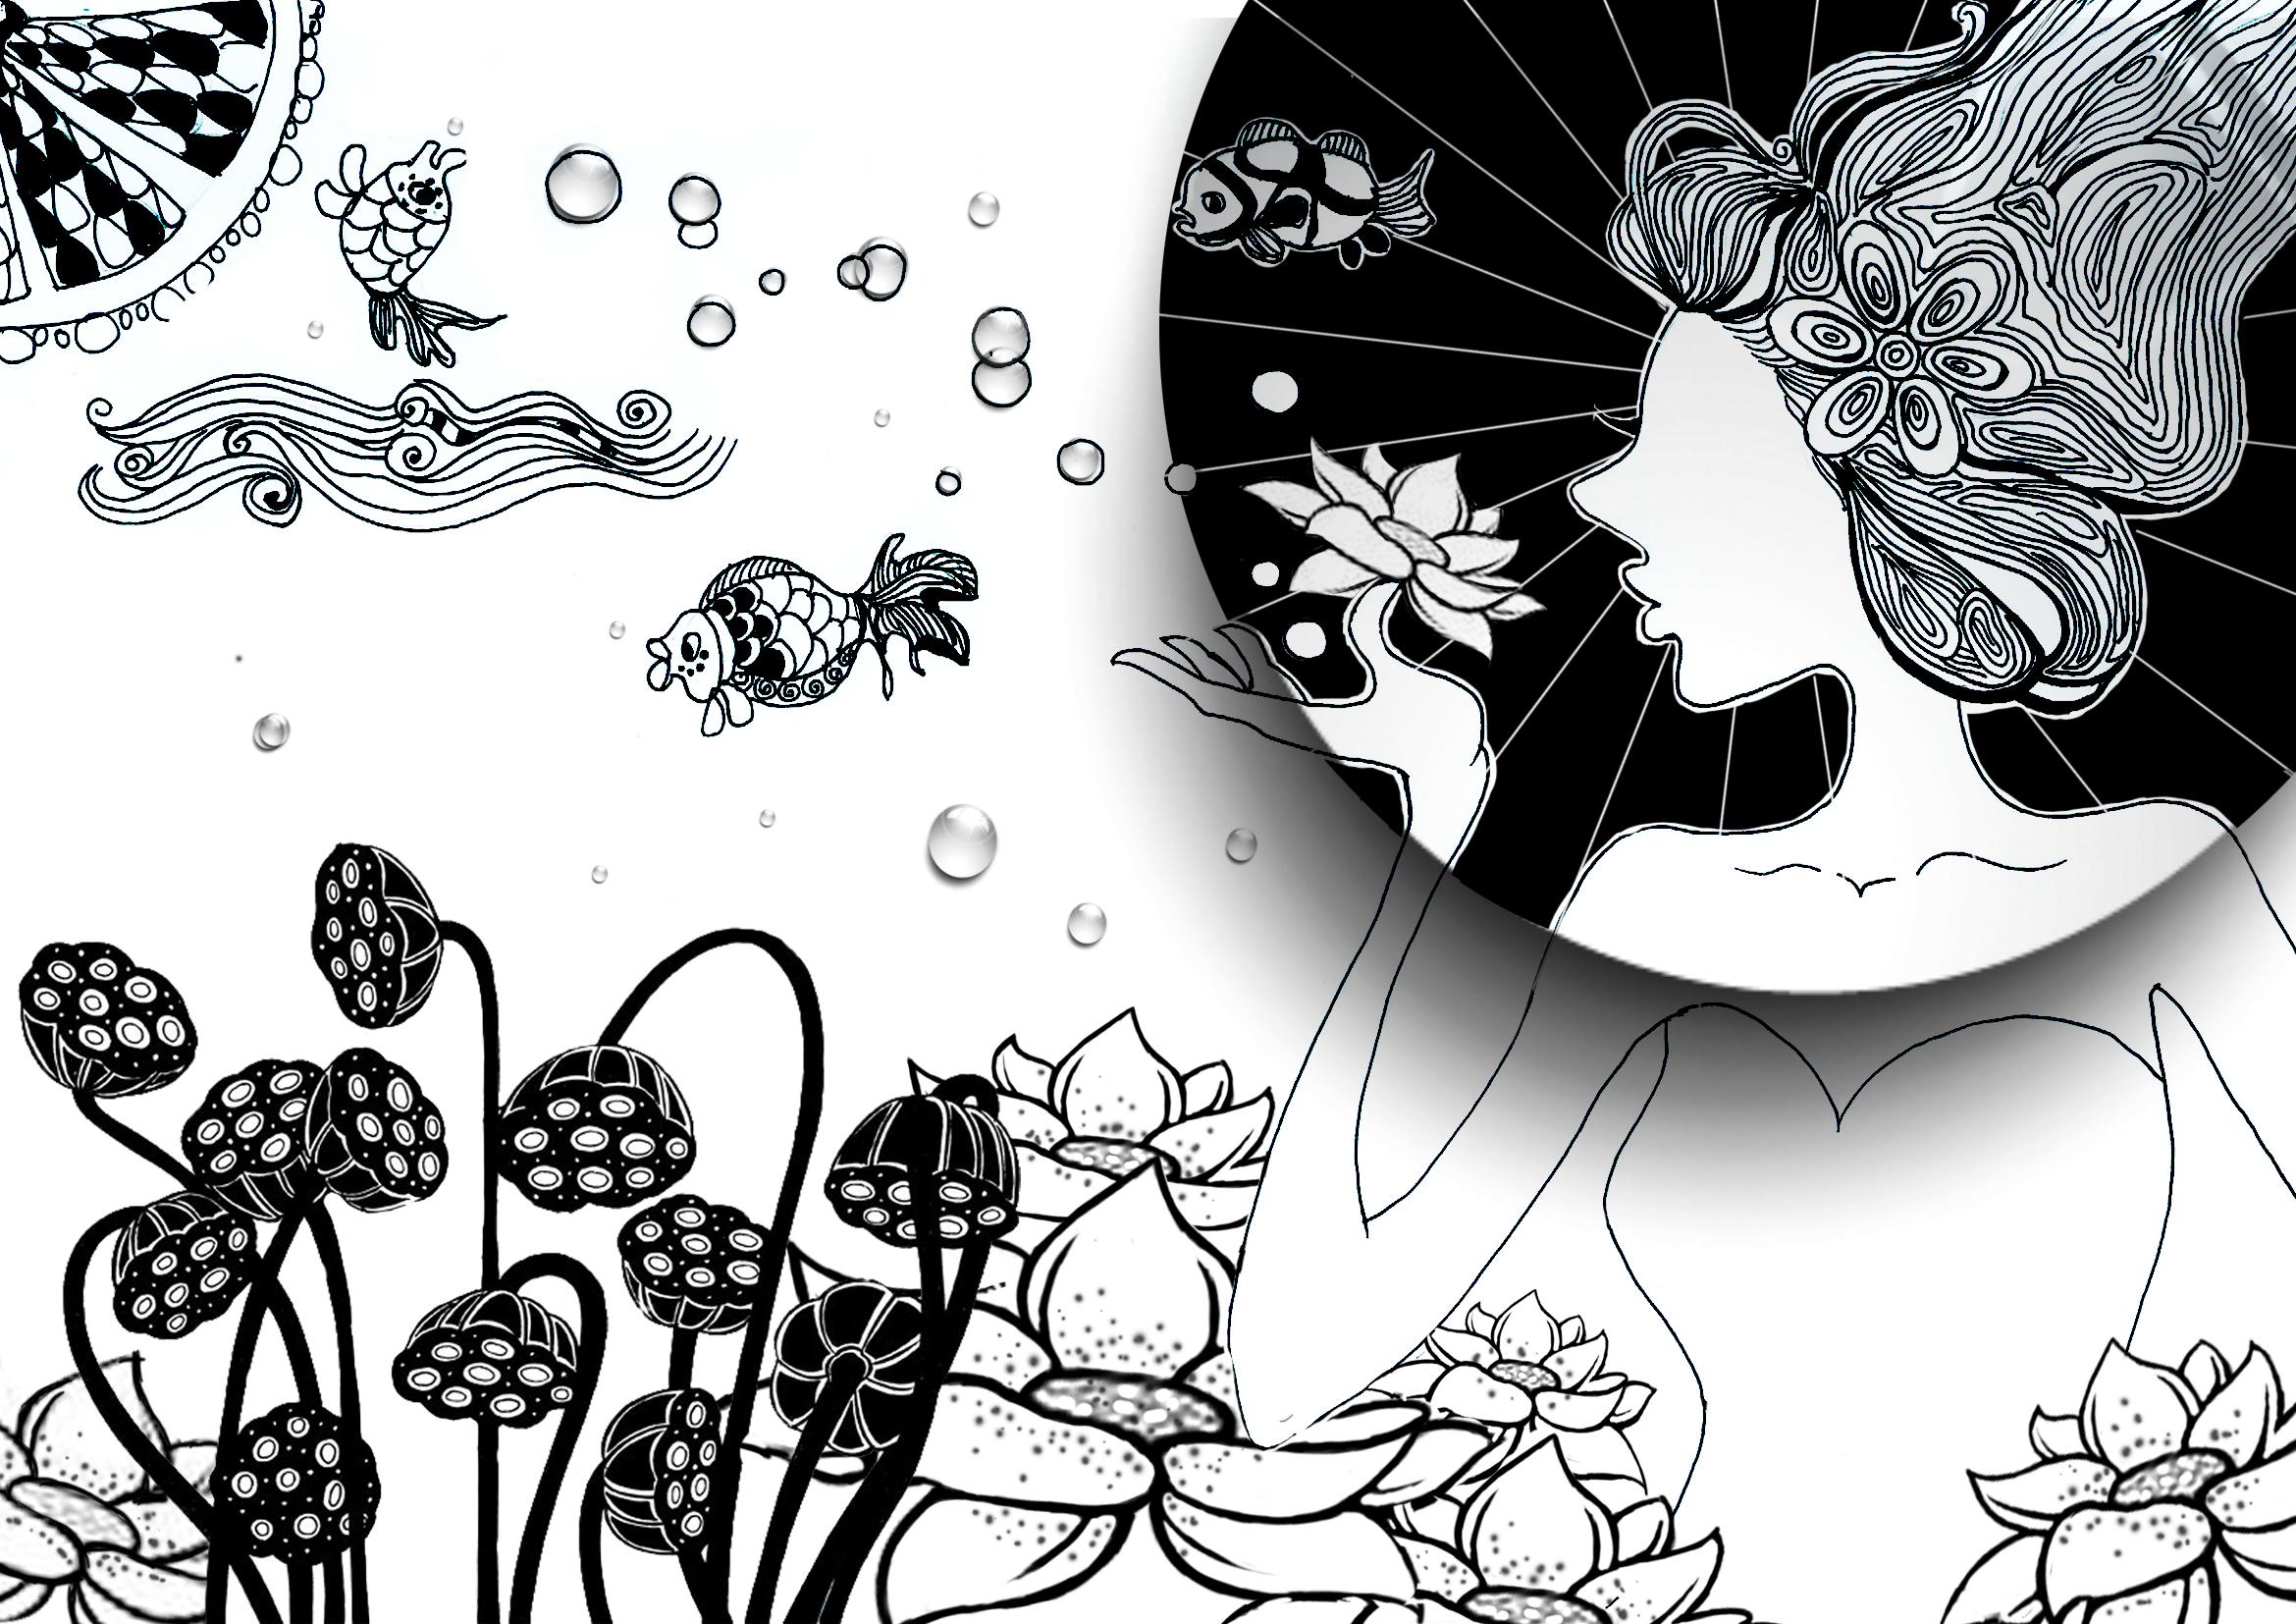 运用中国古典的元素,油纸伞,莲藕,荷花,金鱼等,以黑白插画表现的形式图片